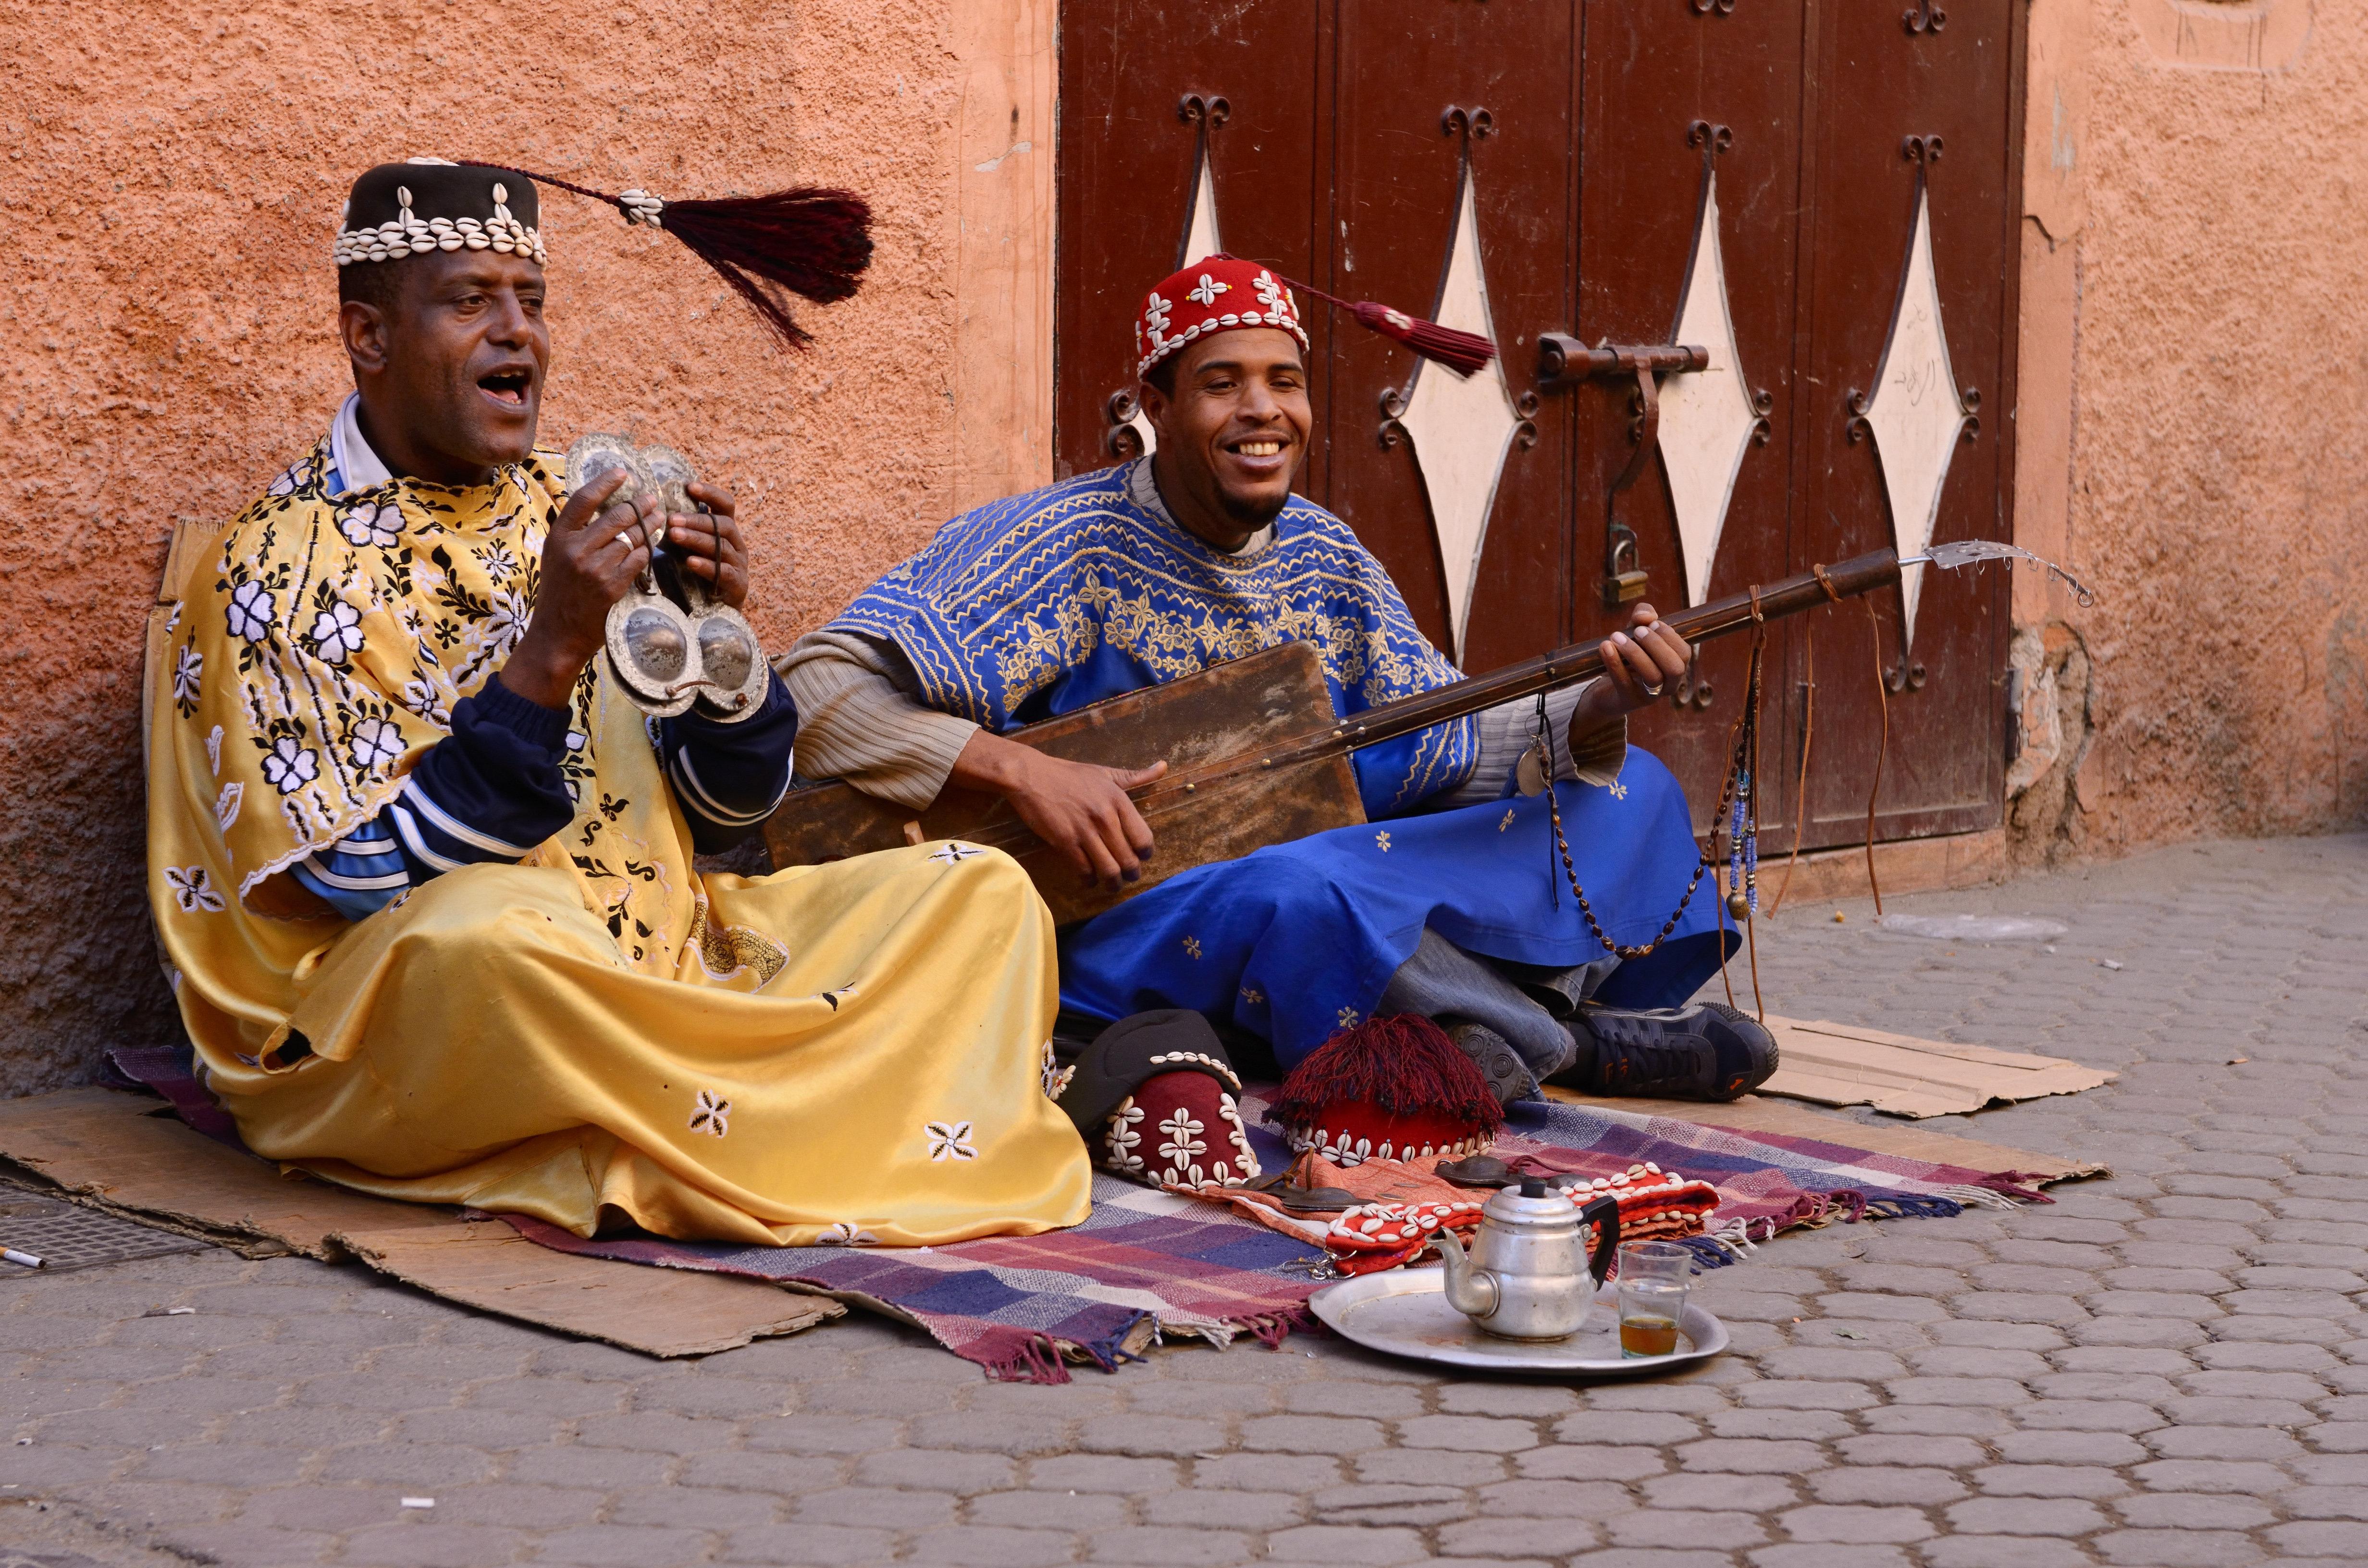 Airbnb: Le Maroc parmi les meilleures expériences en Afrique selon les